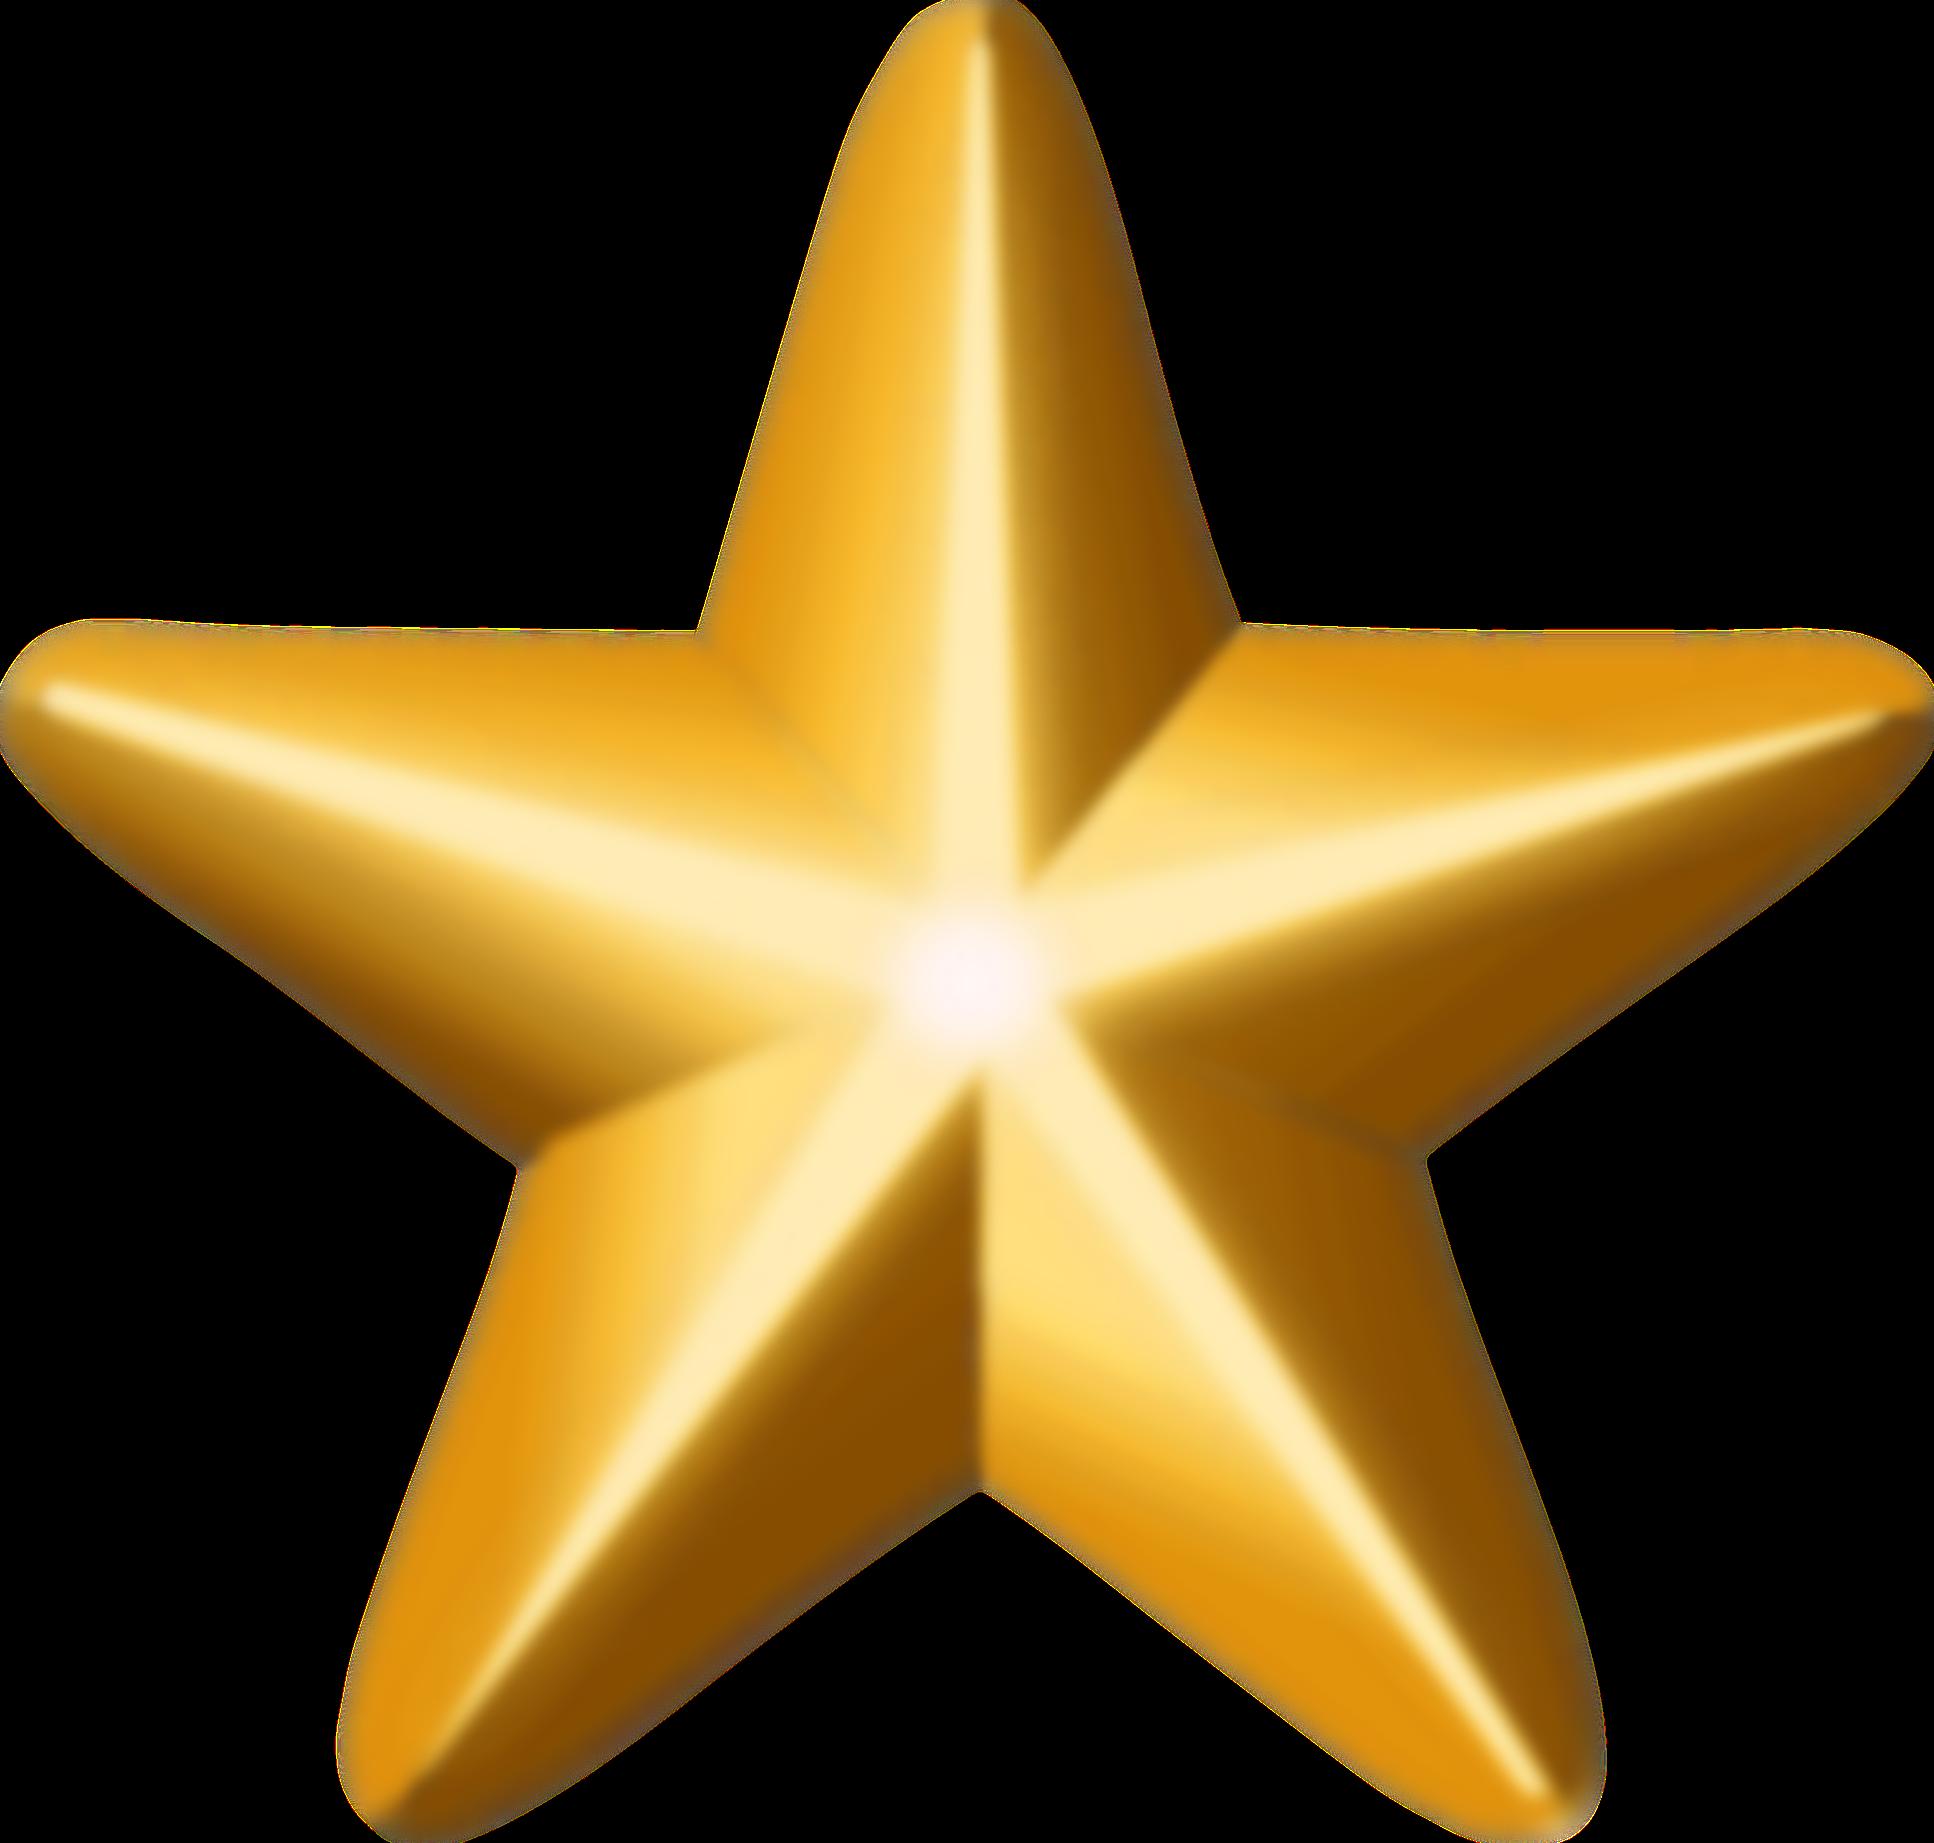 File:Award star (gold).png